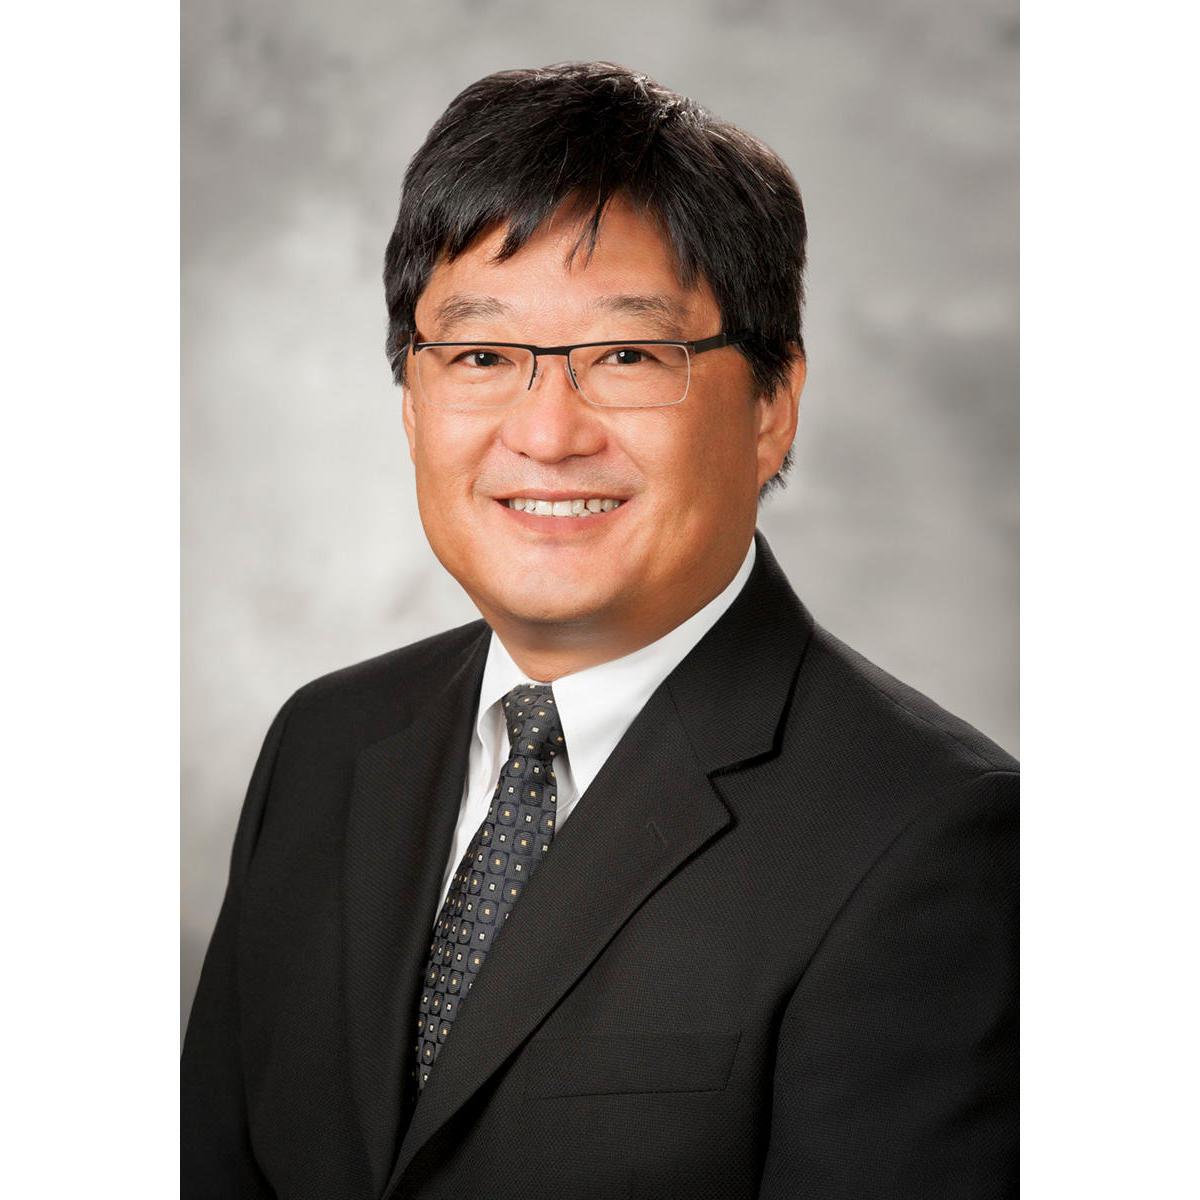 Timothy S. Shinn, MD